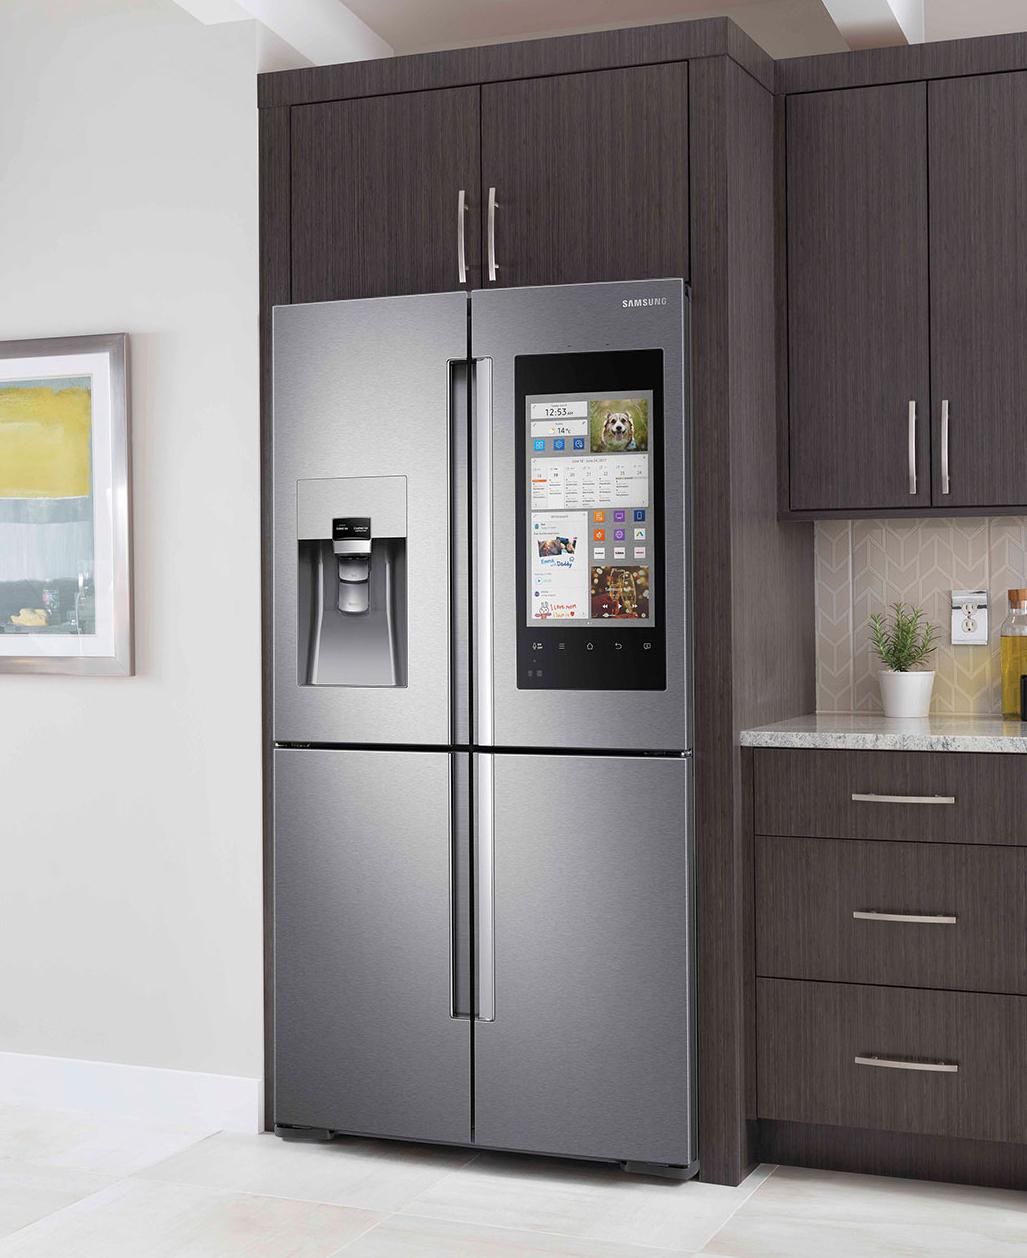 réfrigérateur connecté Family Hub de Samsung